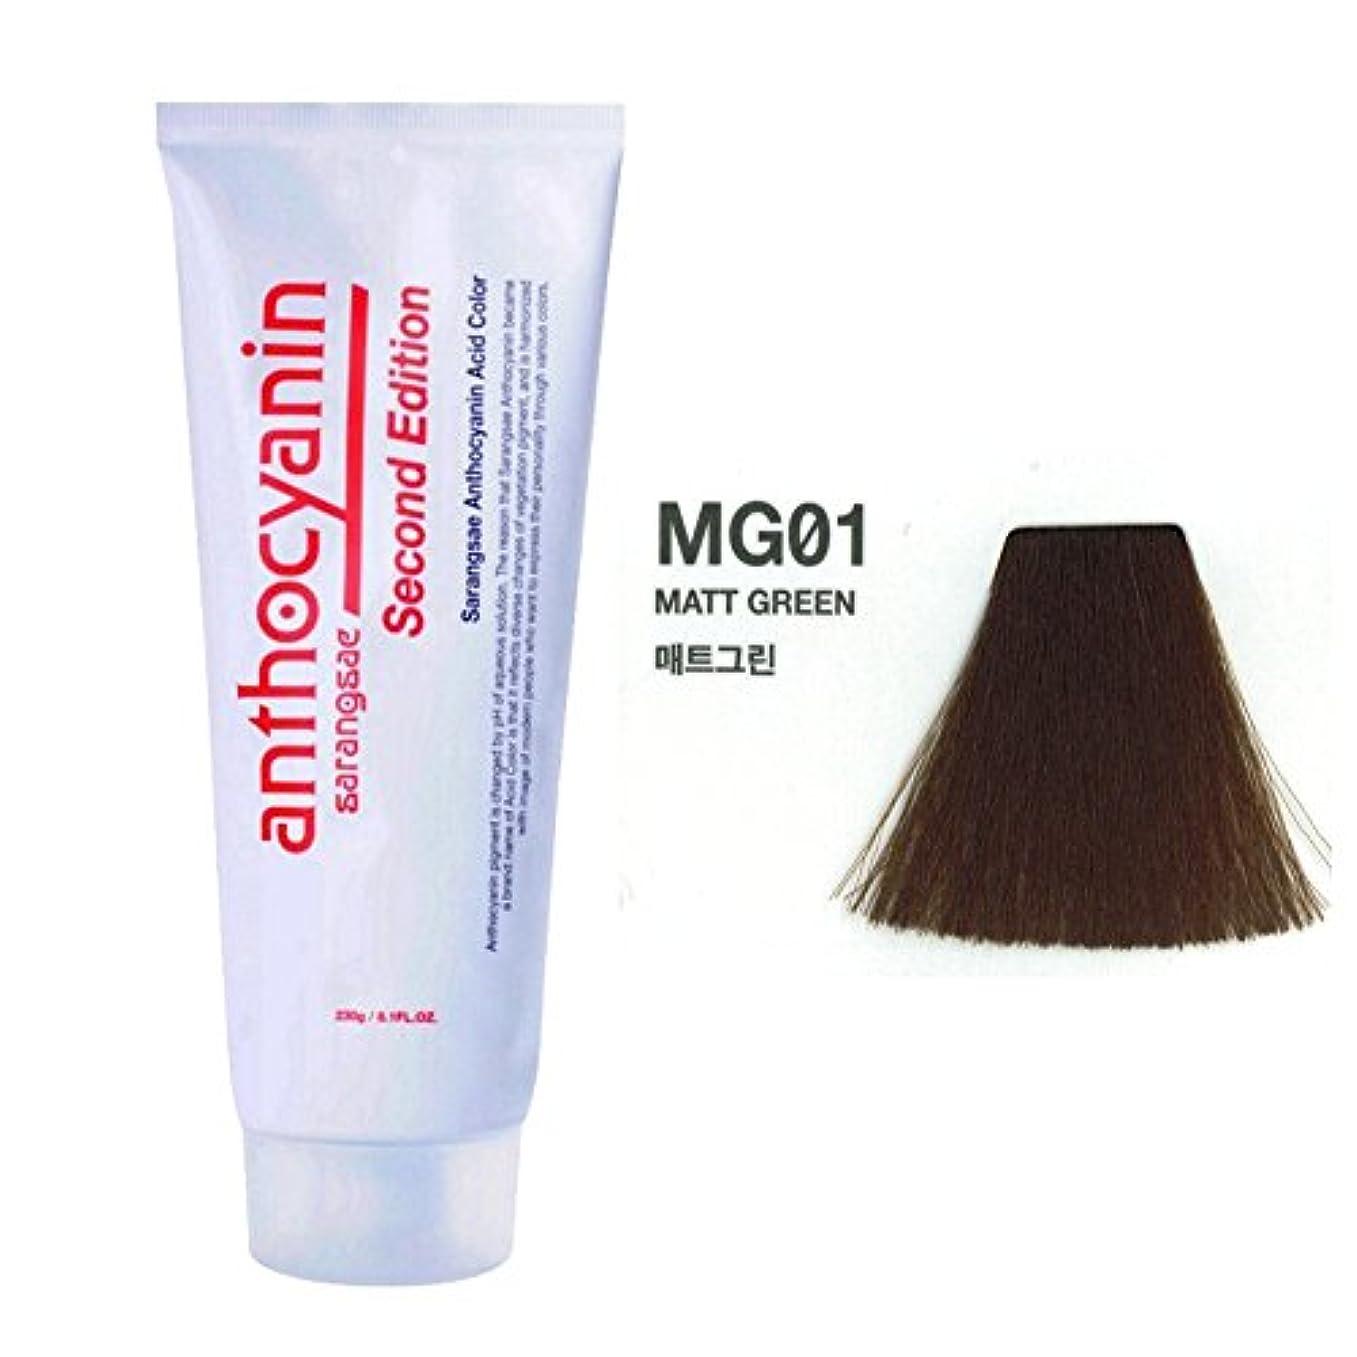 魅力的であることへのアピール項目退化するヘア マニキュア カラー セカンド エディション 230g セミ パーマネント 染毛剤 (Hair Manicure Color Second Edition 230g Semi Permanent Hair Dye) [並行輸入品] (MG01 Marr Green)